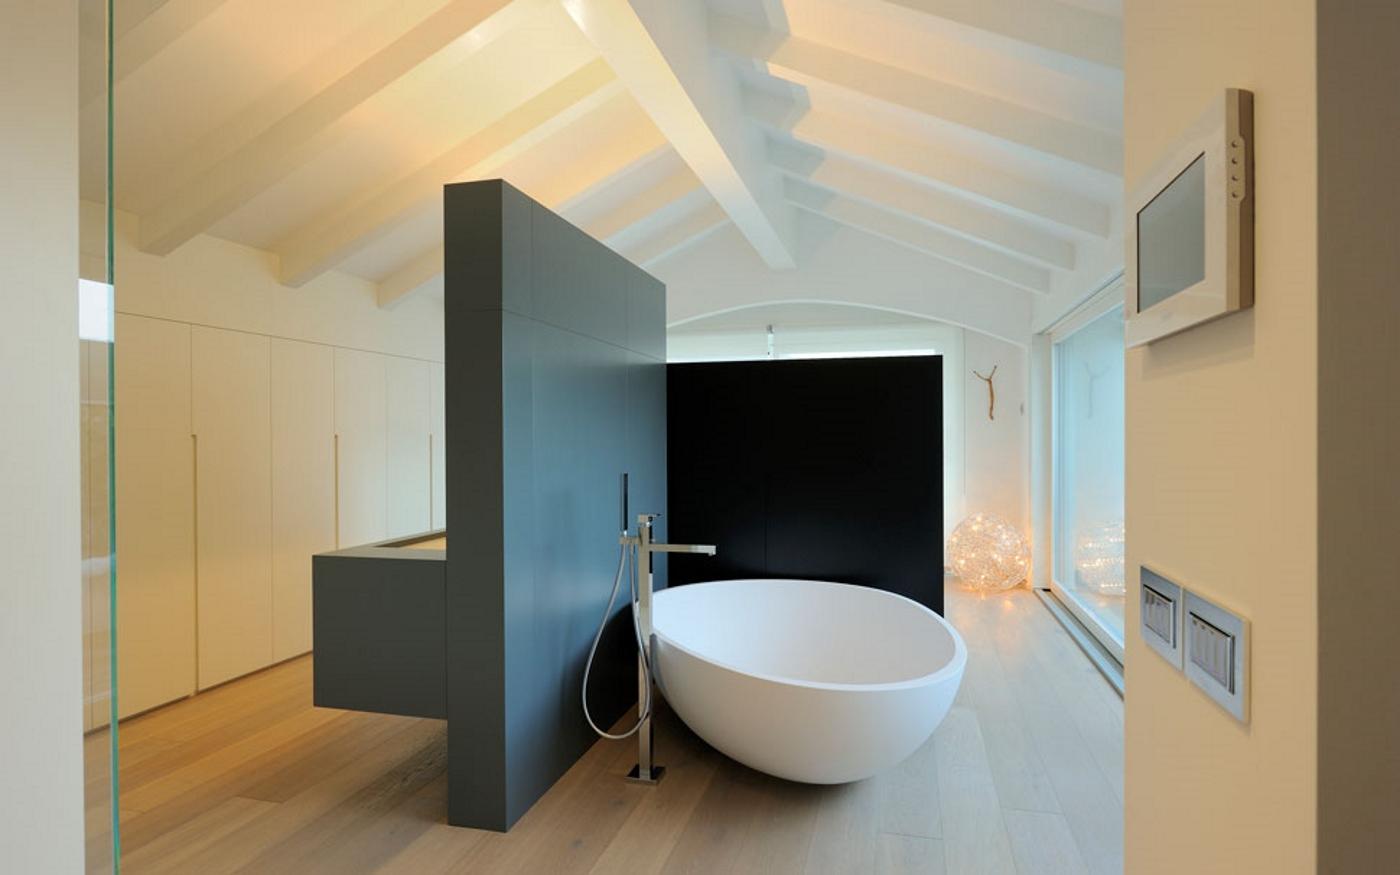 Arredo bagno,mobili bagno,mobili bagno sospesi e a terra - VILLA VAL DI FIEMME